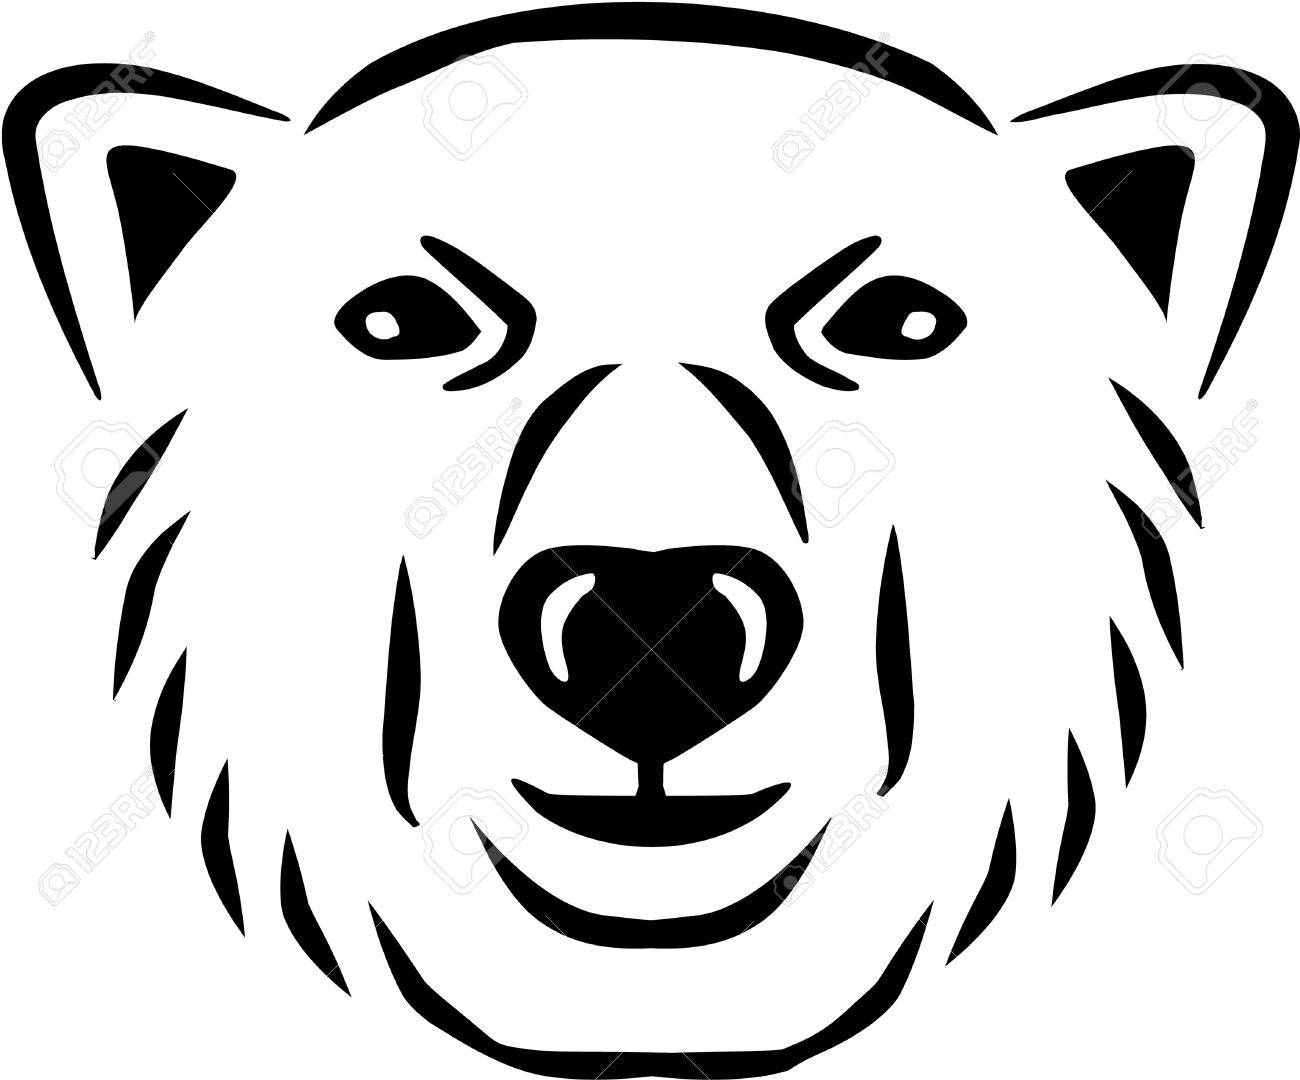 polar bear head royalty free cliparts vectors and stock